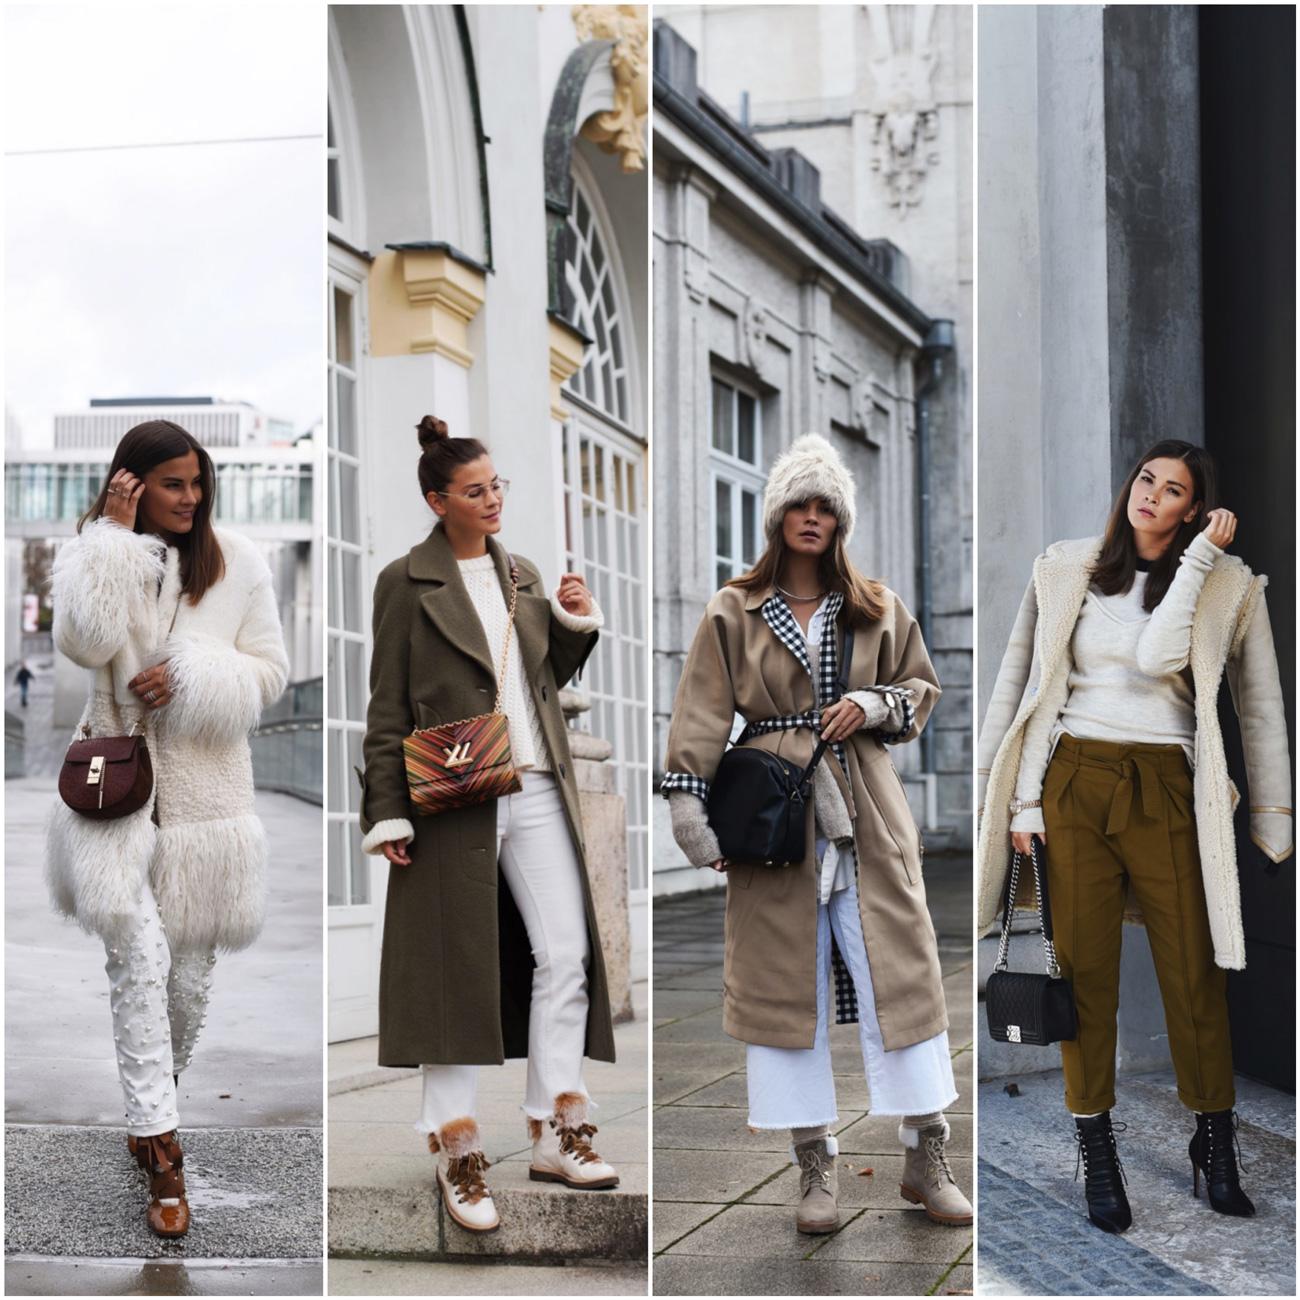 modeblog-deutschland-münchen-fashionn-blogger-nina-schwichtenberg-fashiioncarpet